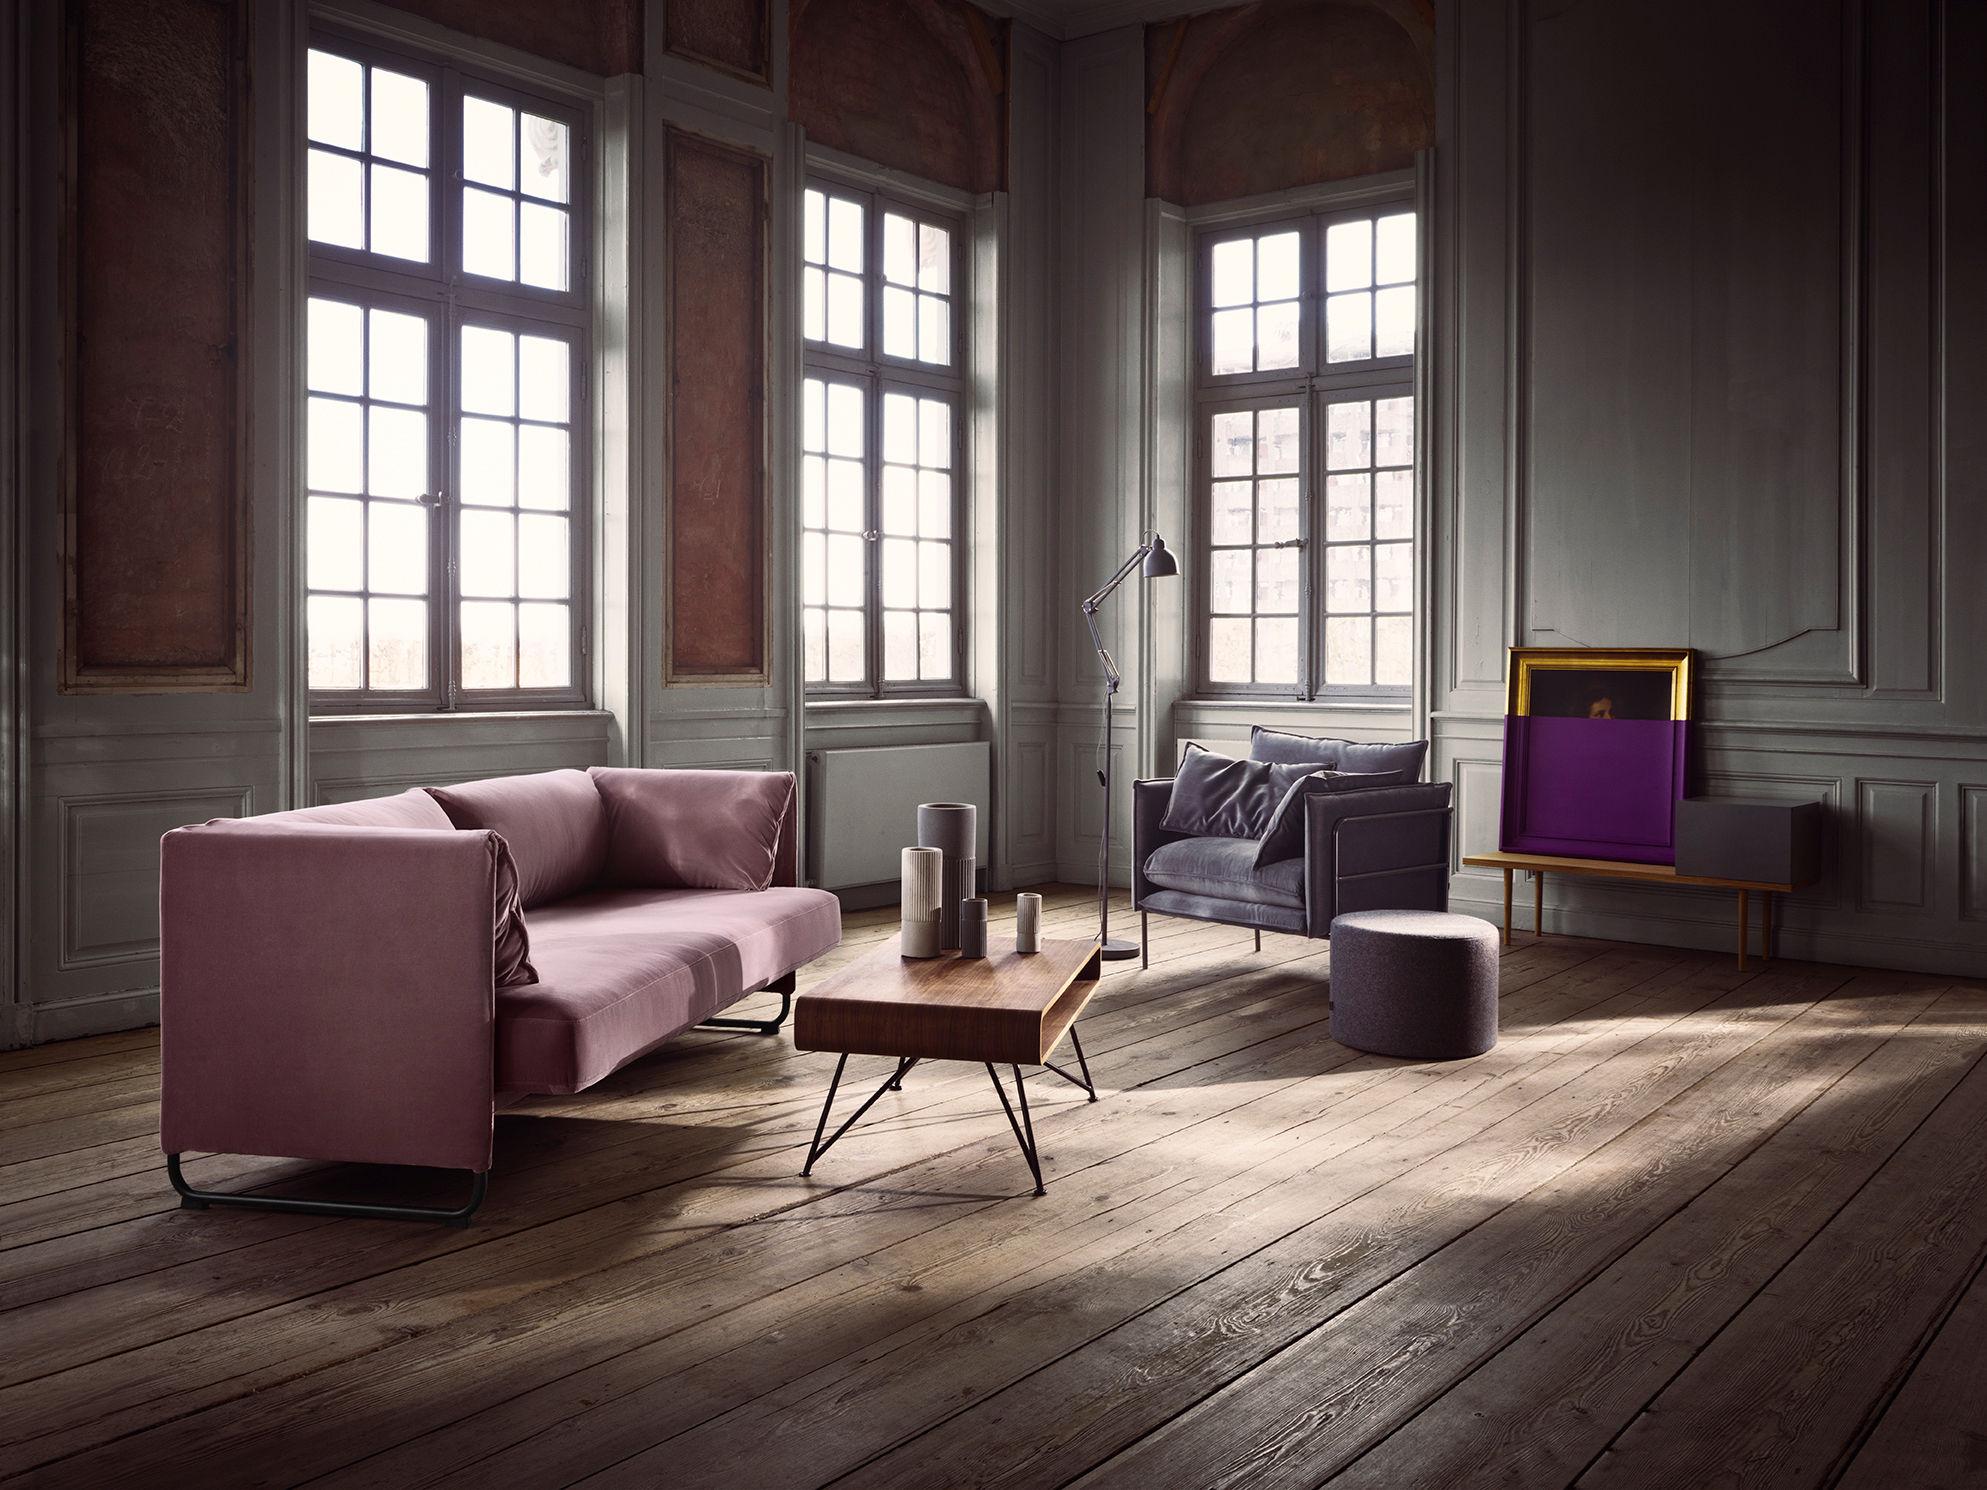 canap droit mara 2 places l 230 cm assise extensible bleu p trole pi tement noir bolia. Black Bedroom Furniture Sets. Home Design Ideas